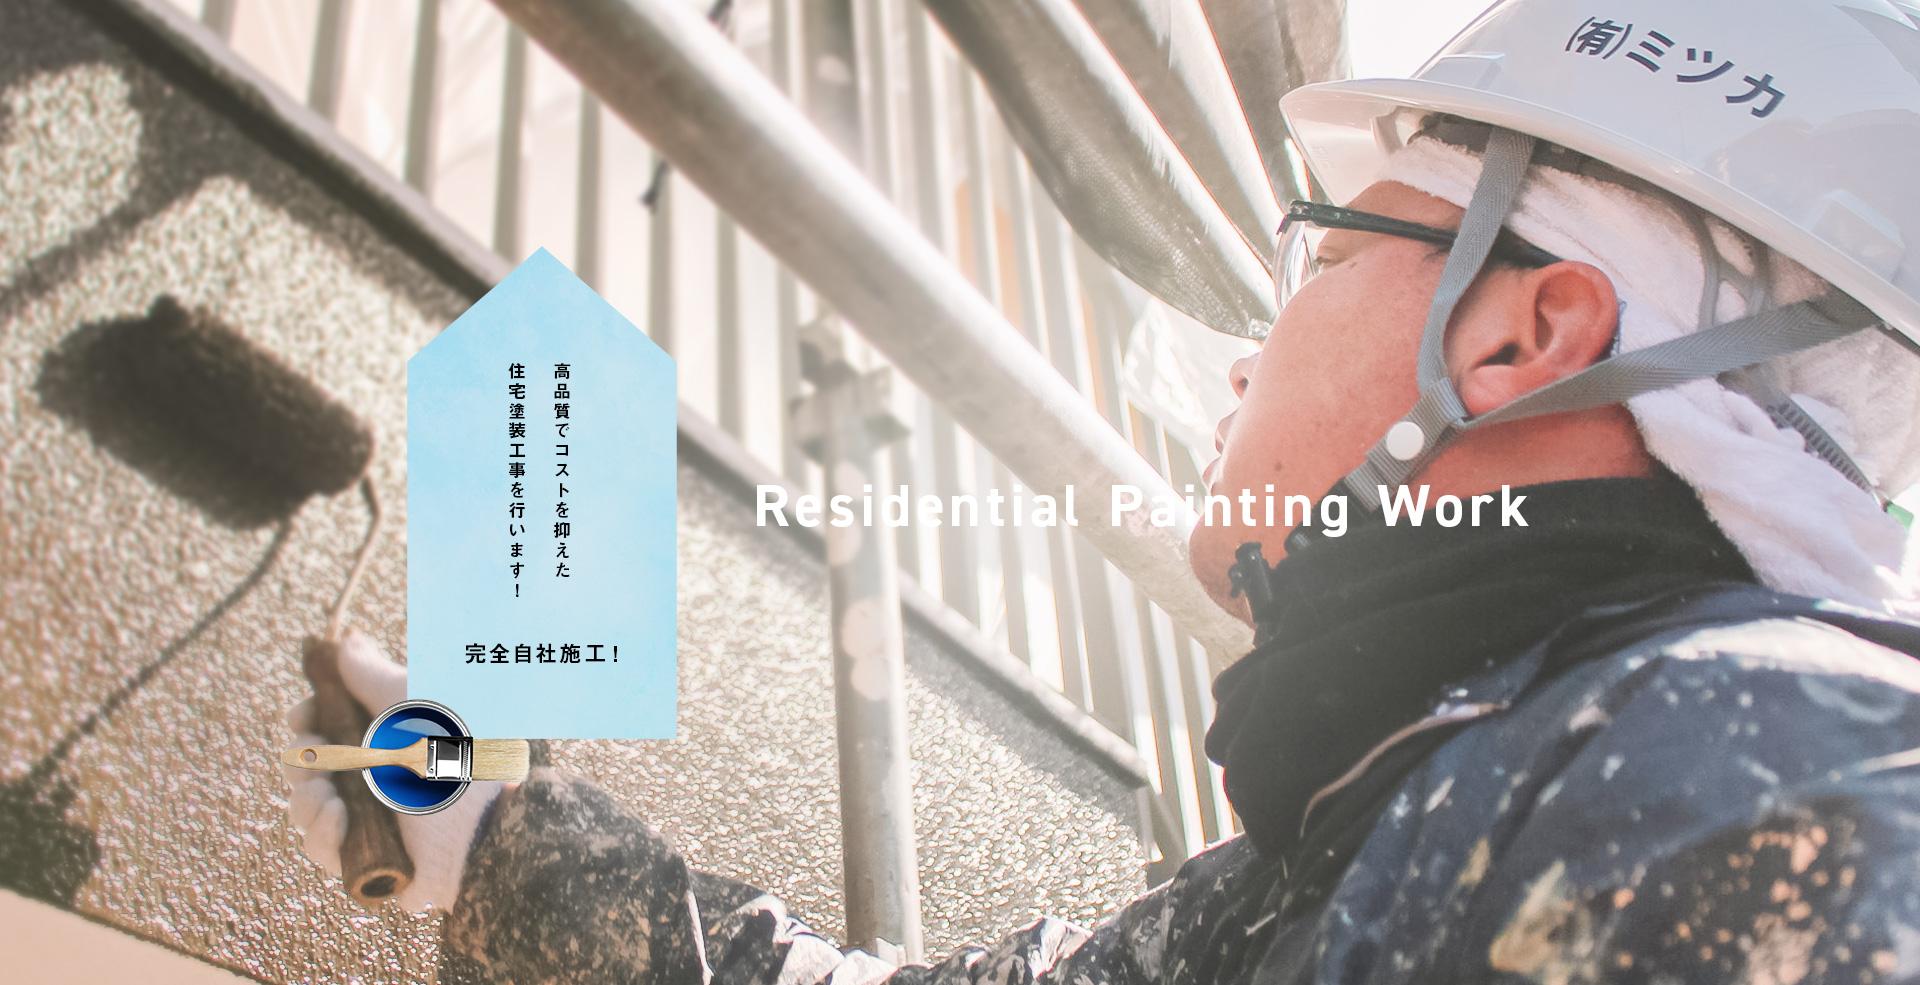 高品質でコストを抑えた住宅塗装工事を行います!